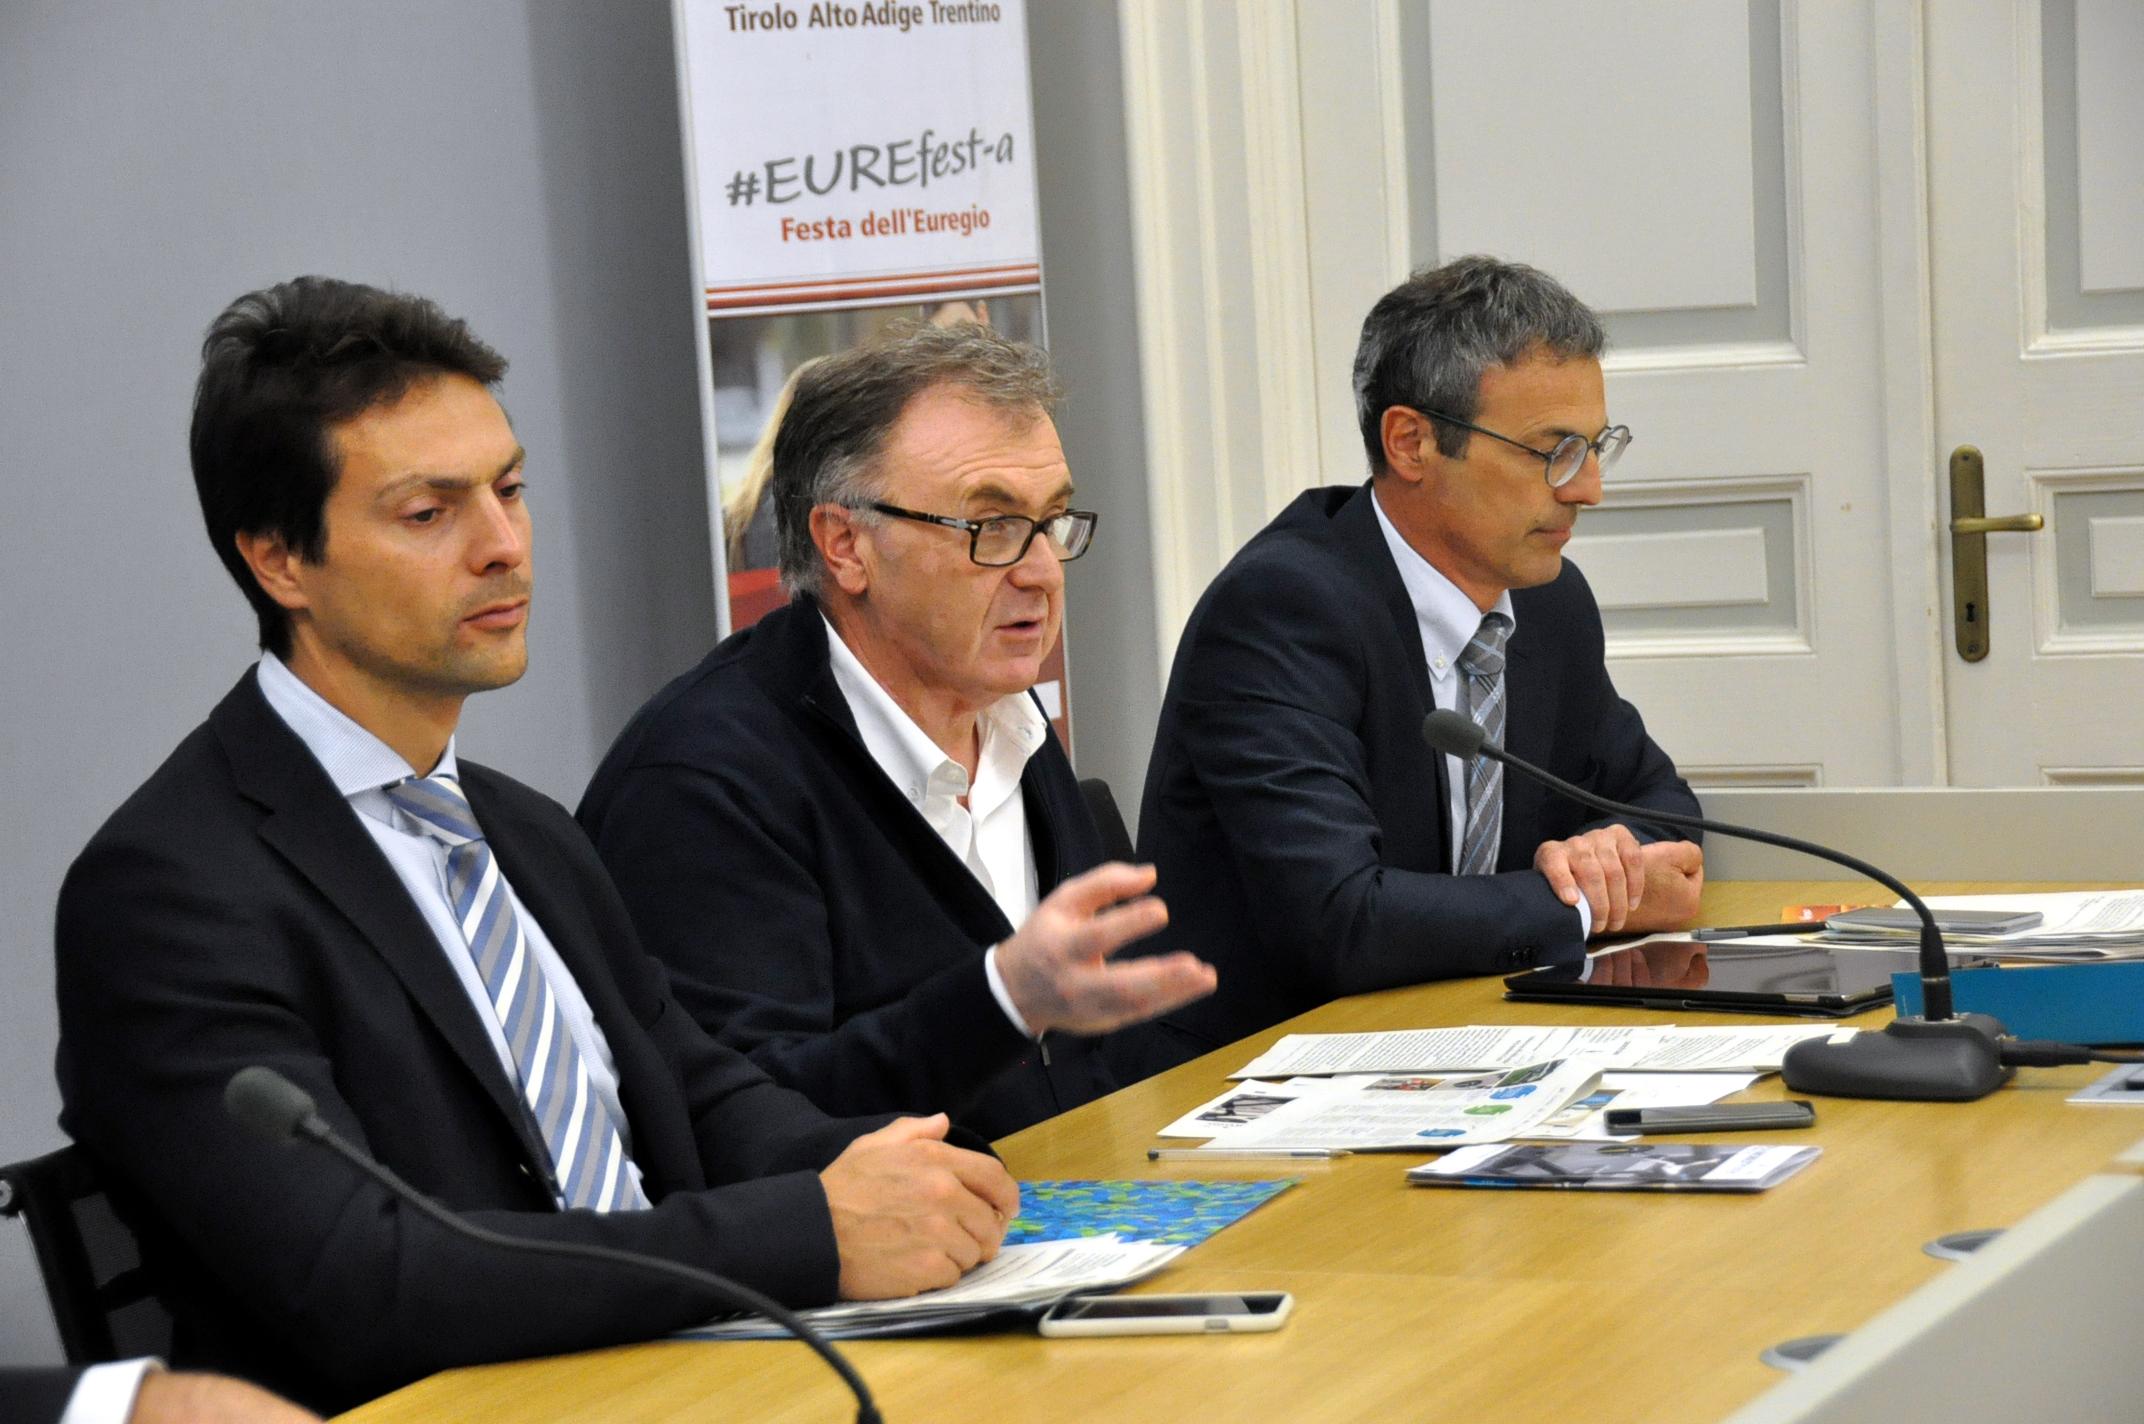 Ufficio Job Guidance Trento Orari : Settimana europea della mobilità sostenibile tutti gli appuntamenti